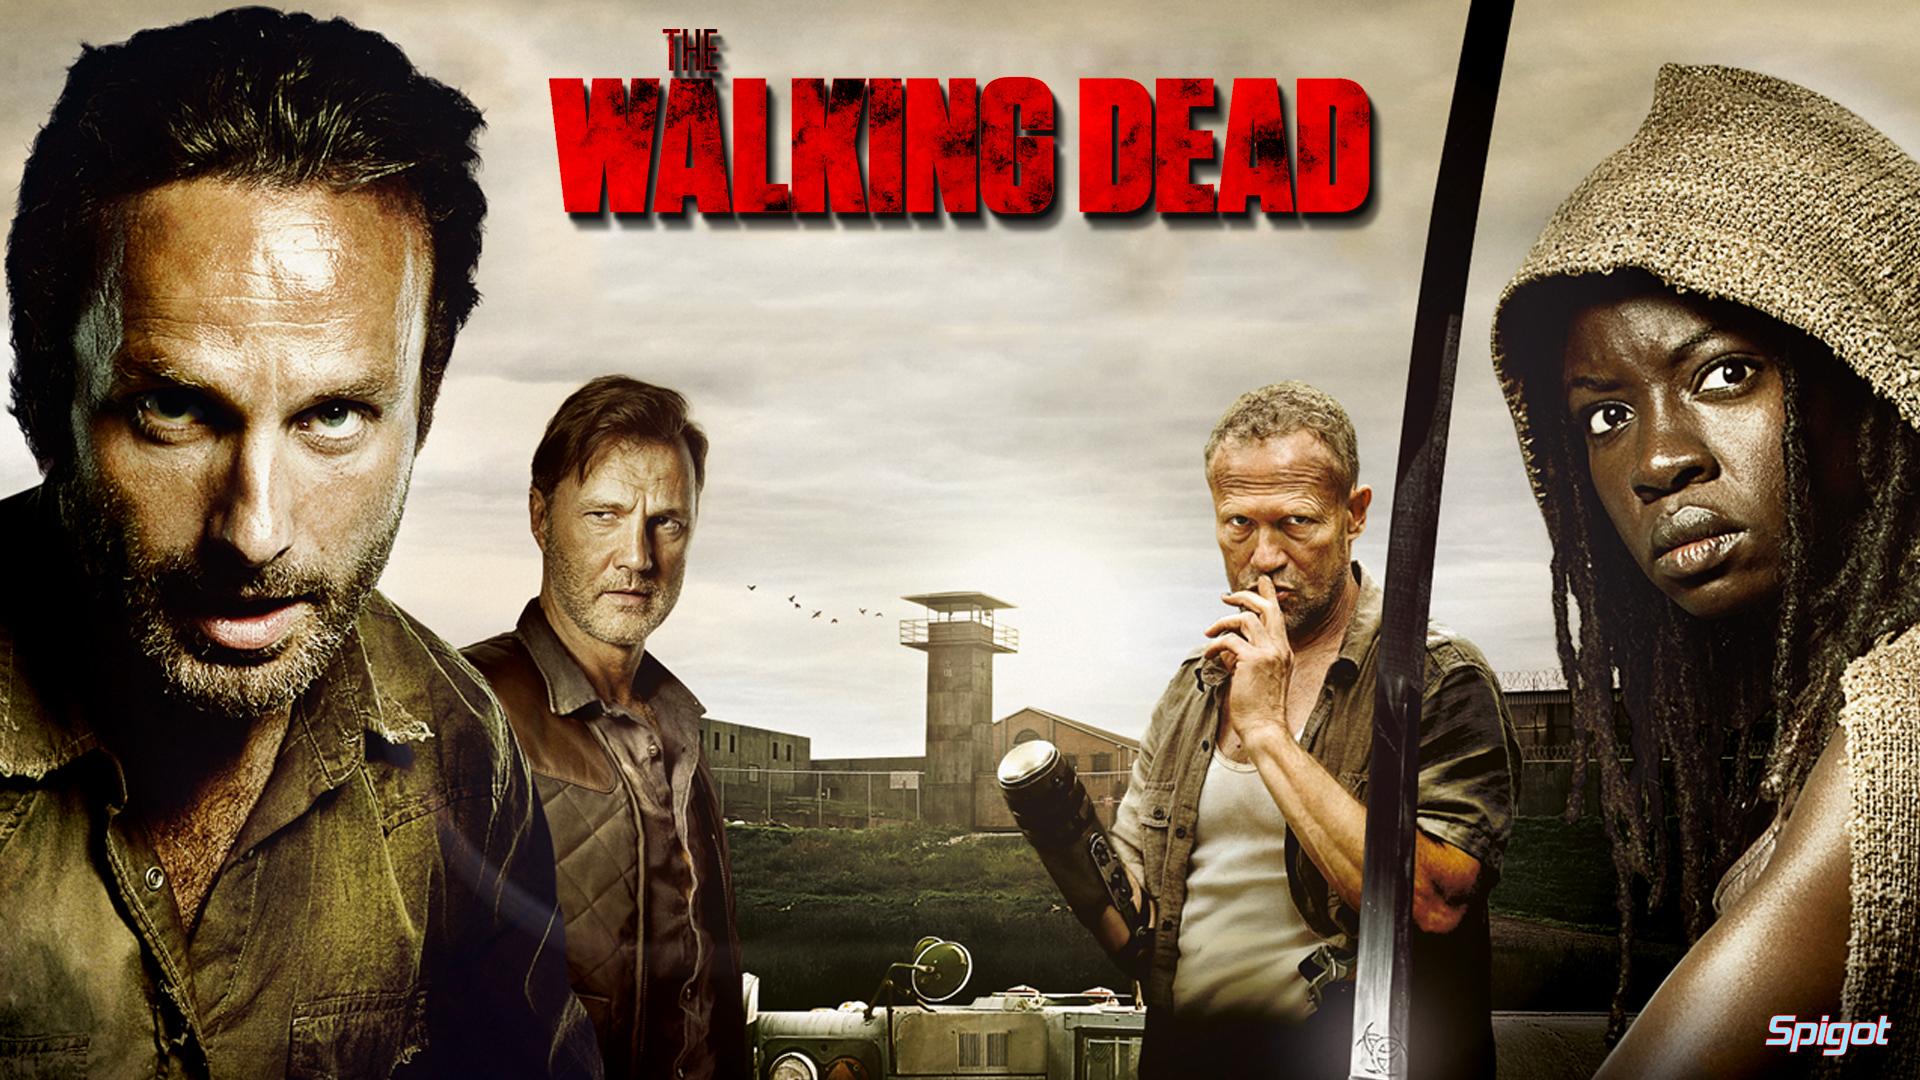 The Walking Dead Wallpaper HD 1080pjpg 1920x1080